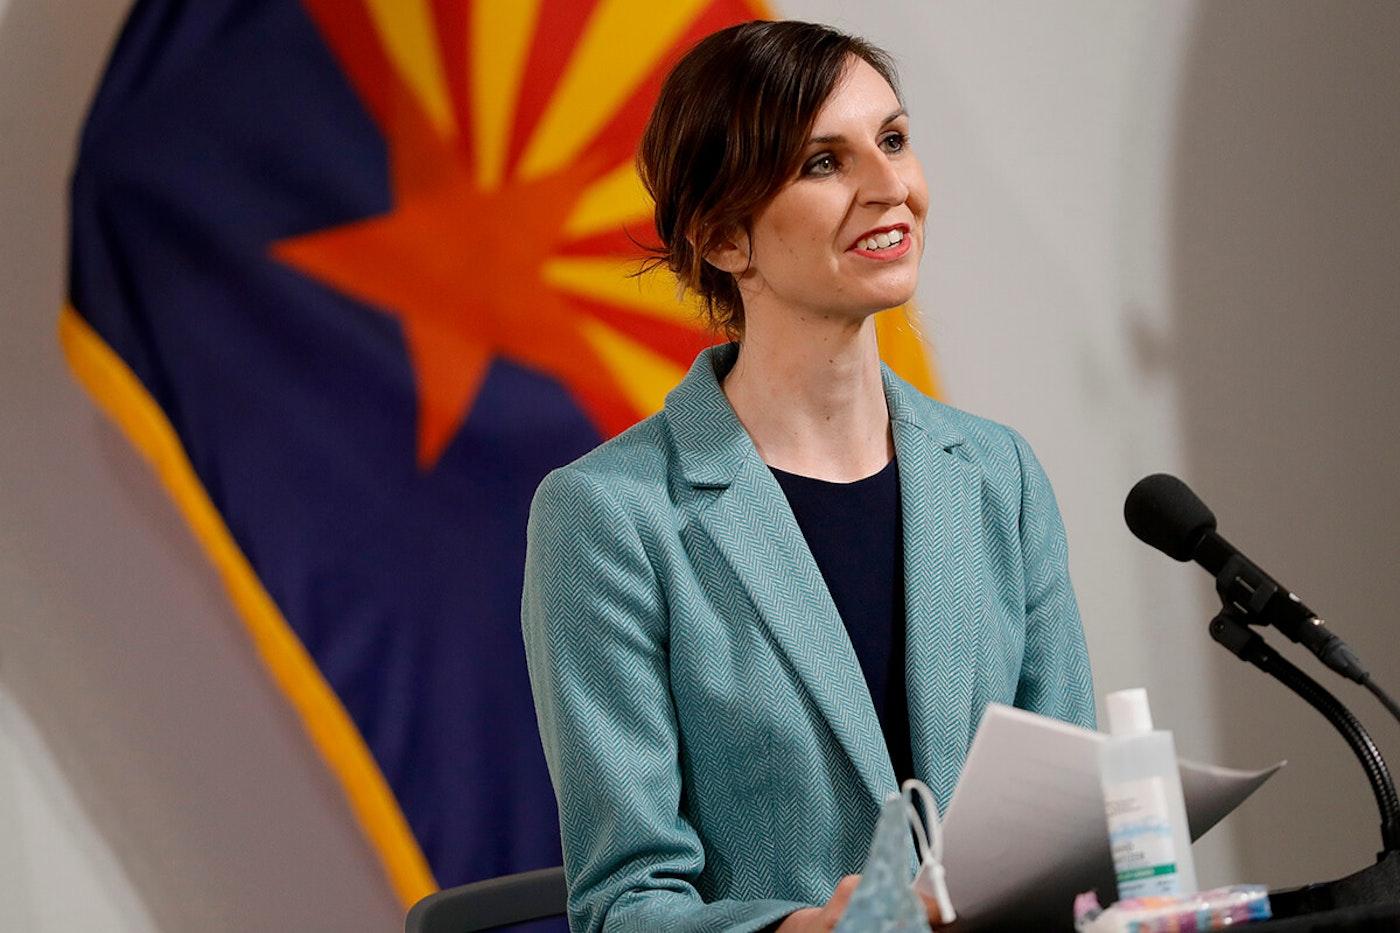 Superintendent Hoffman speaking at press briefing